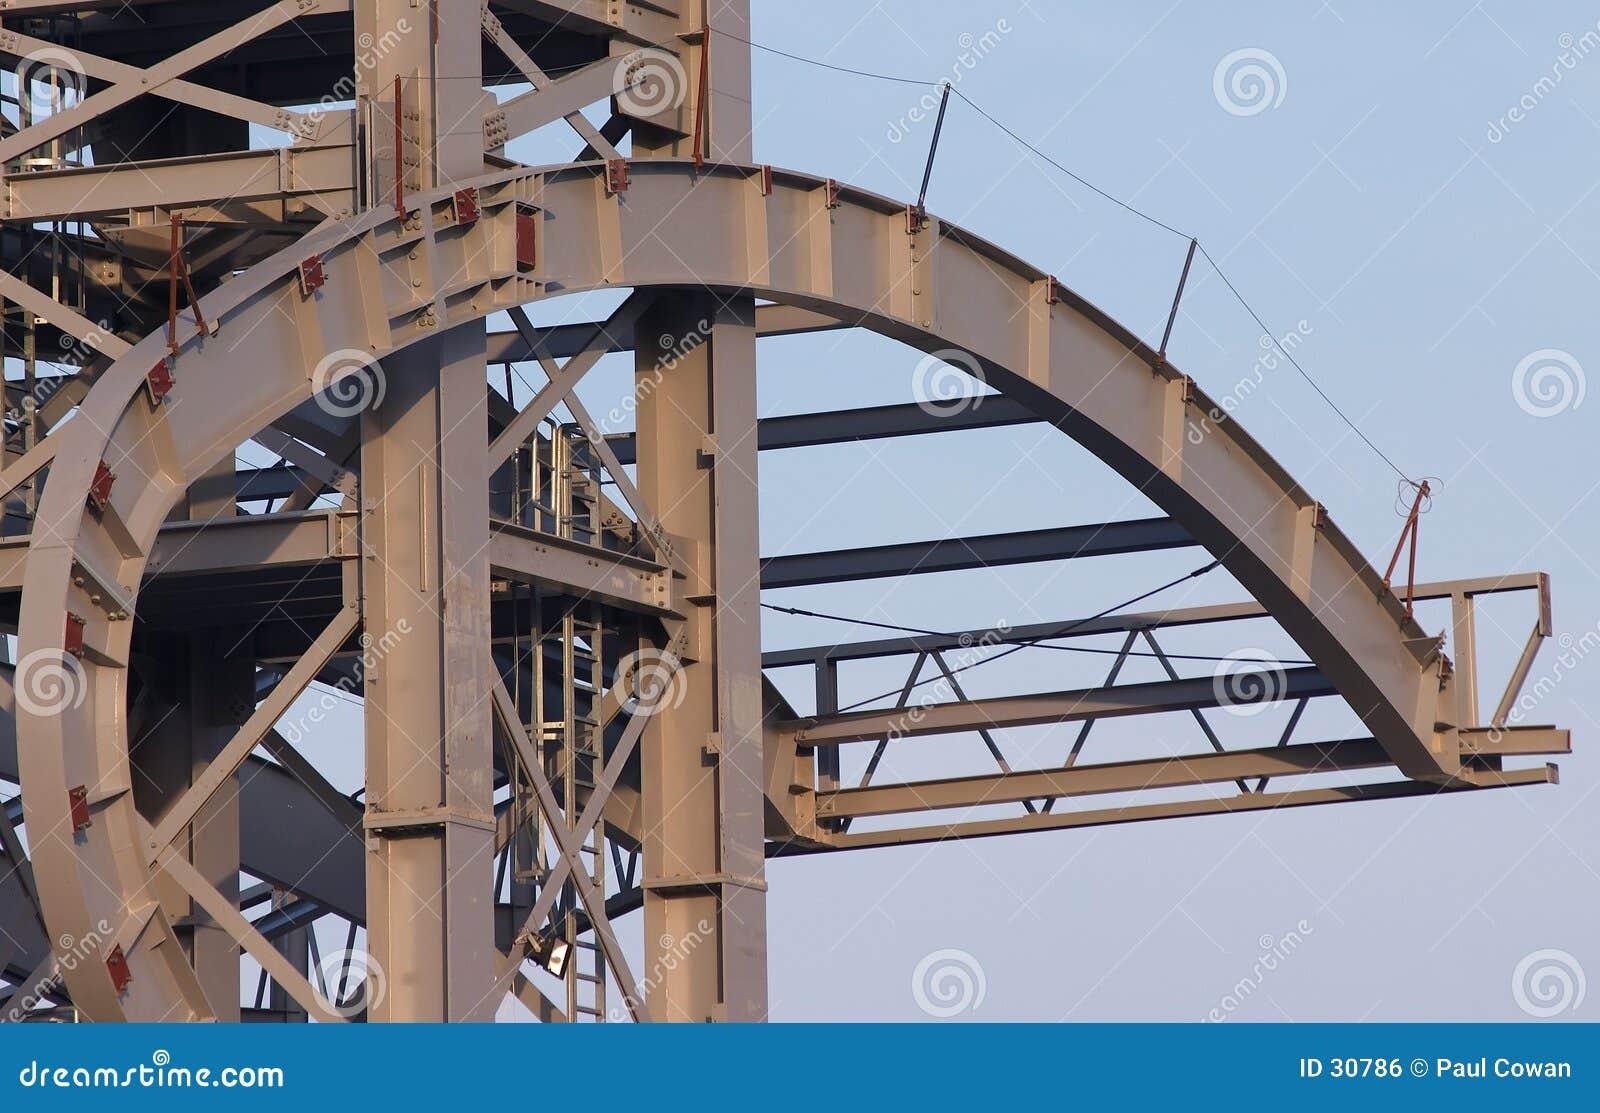 Download Symphonie in Stahl 2 stockfoto. Bild von qatar, stadium - 30786